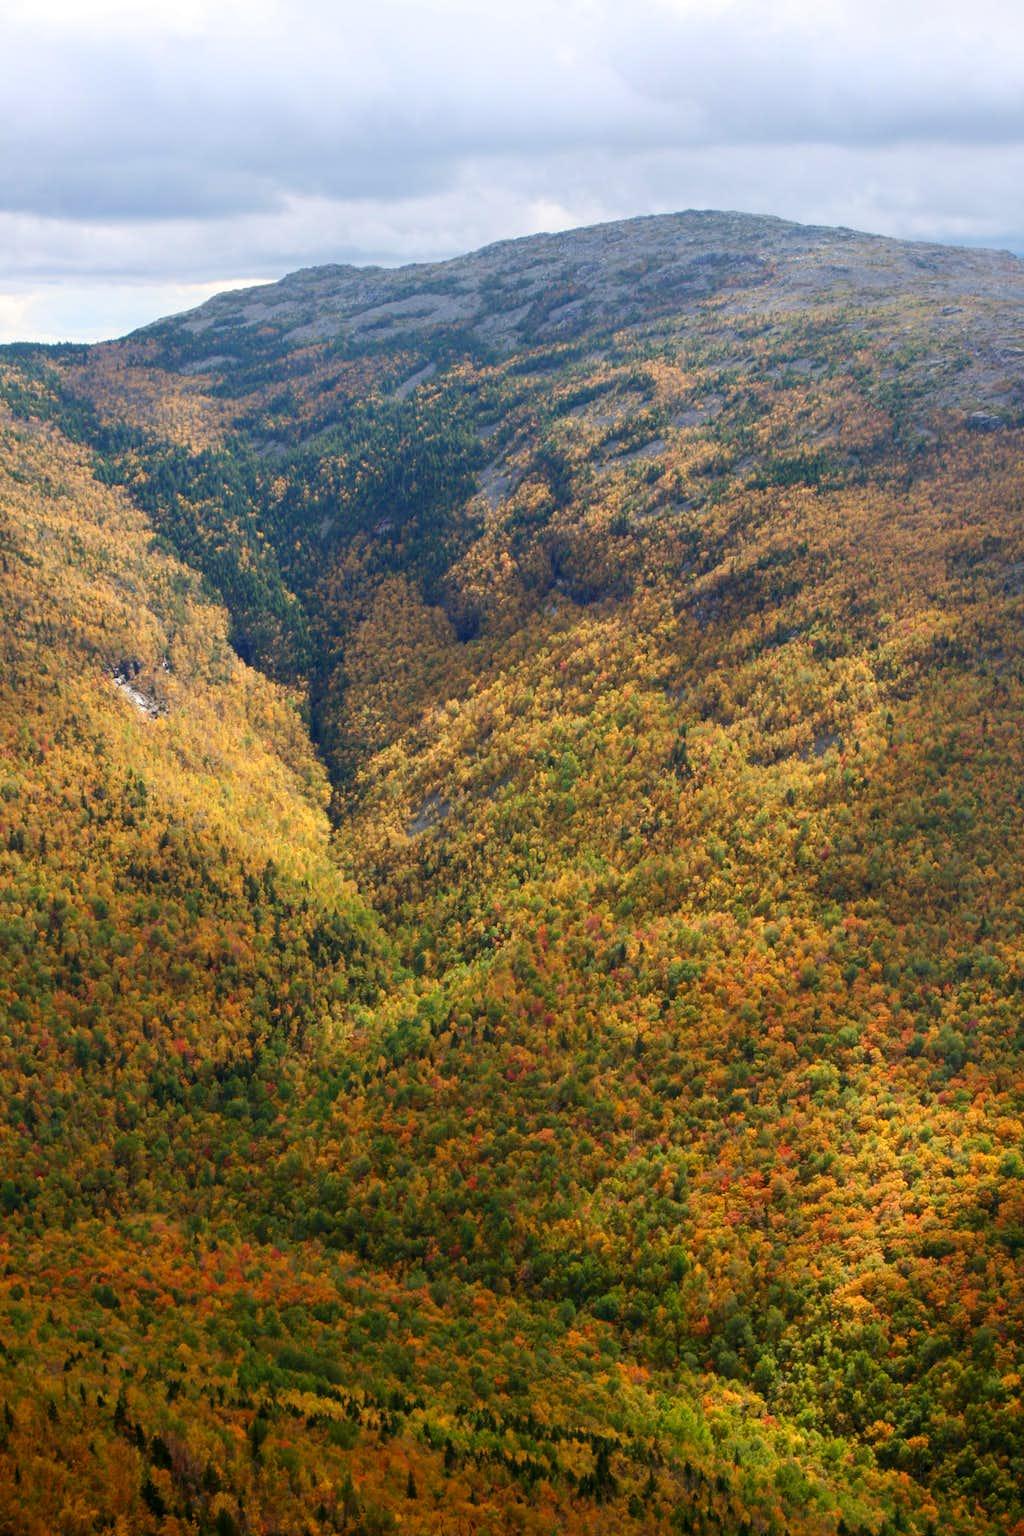 Peak of the Ridges